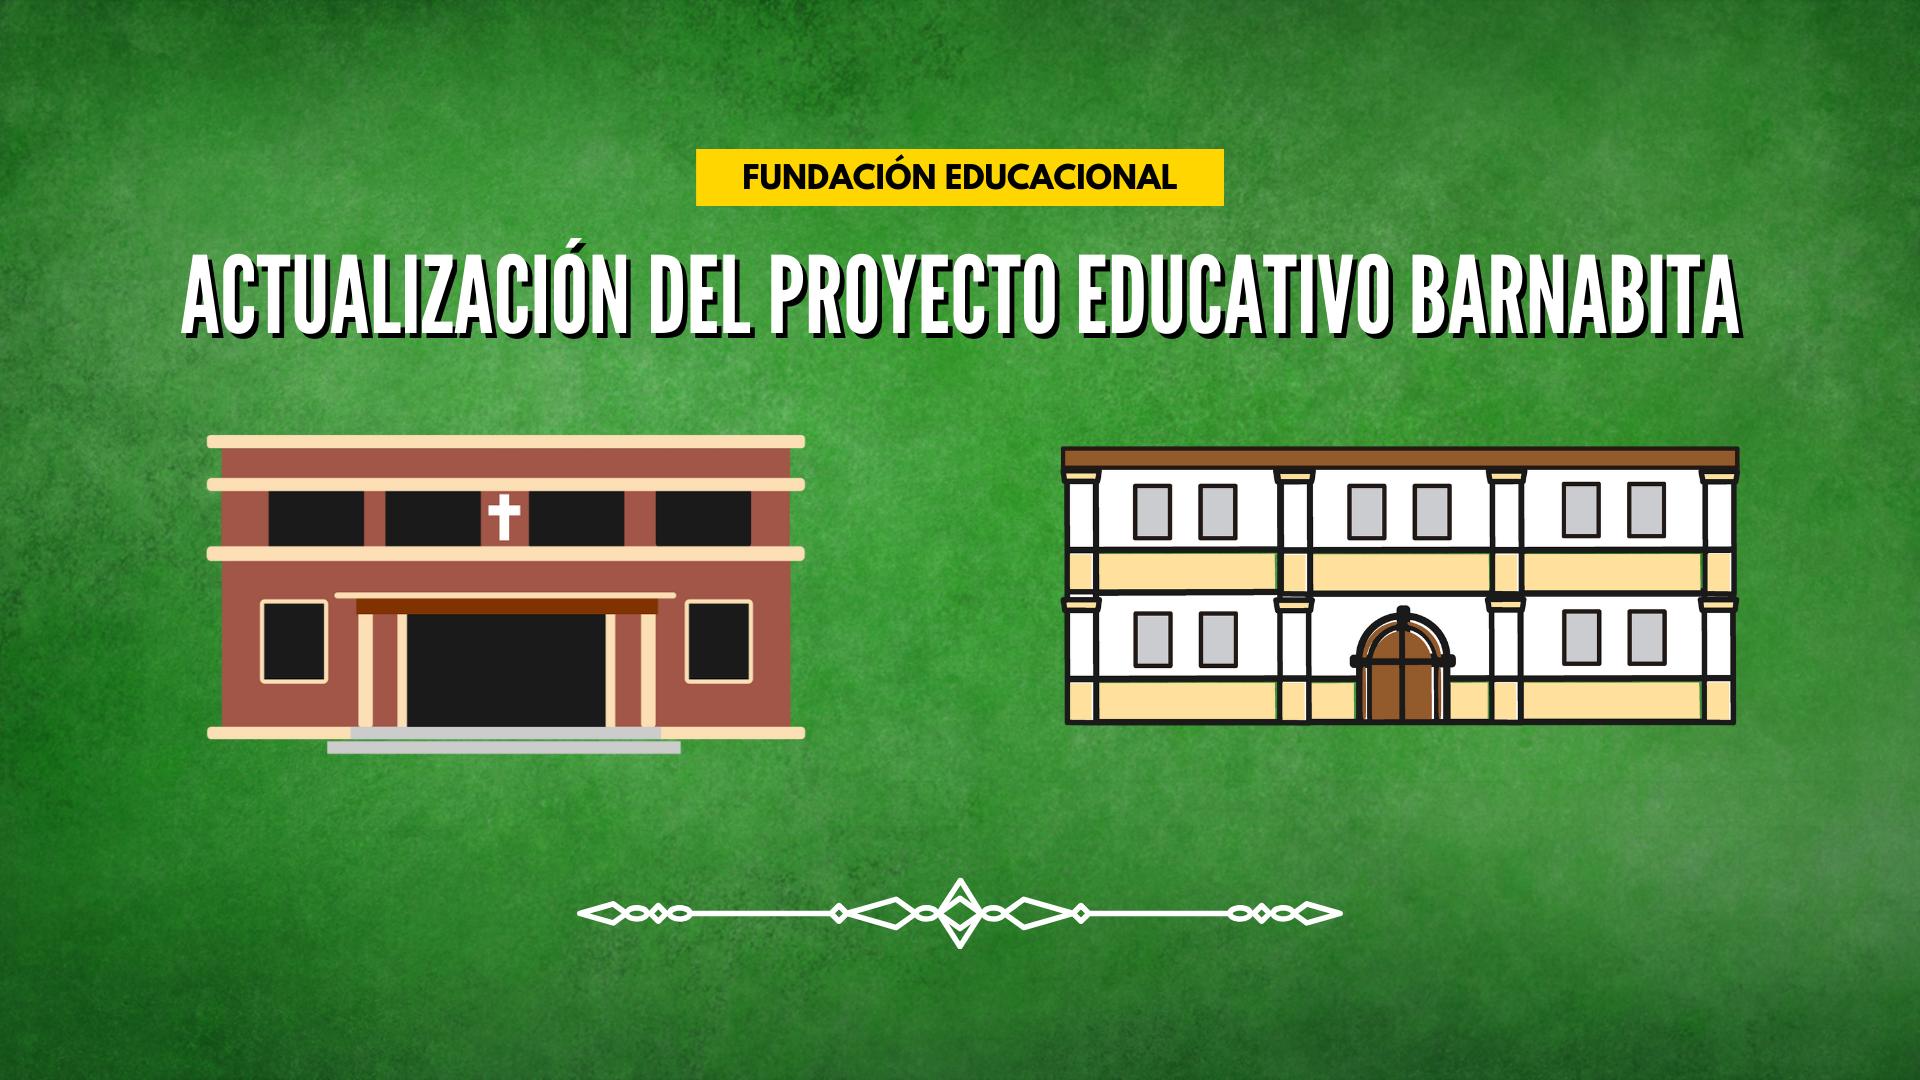 ACTUALIZACIÓN DEL PROYECTO EDUCATIVO BARNABITA